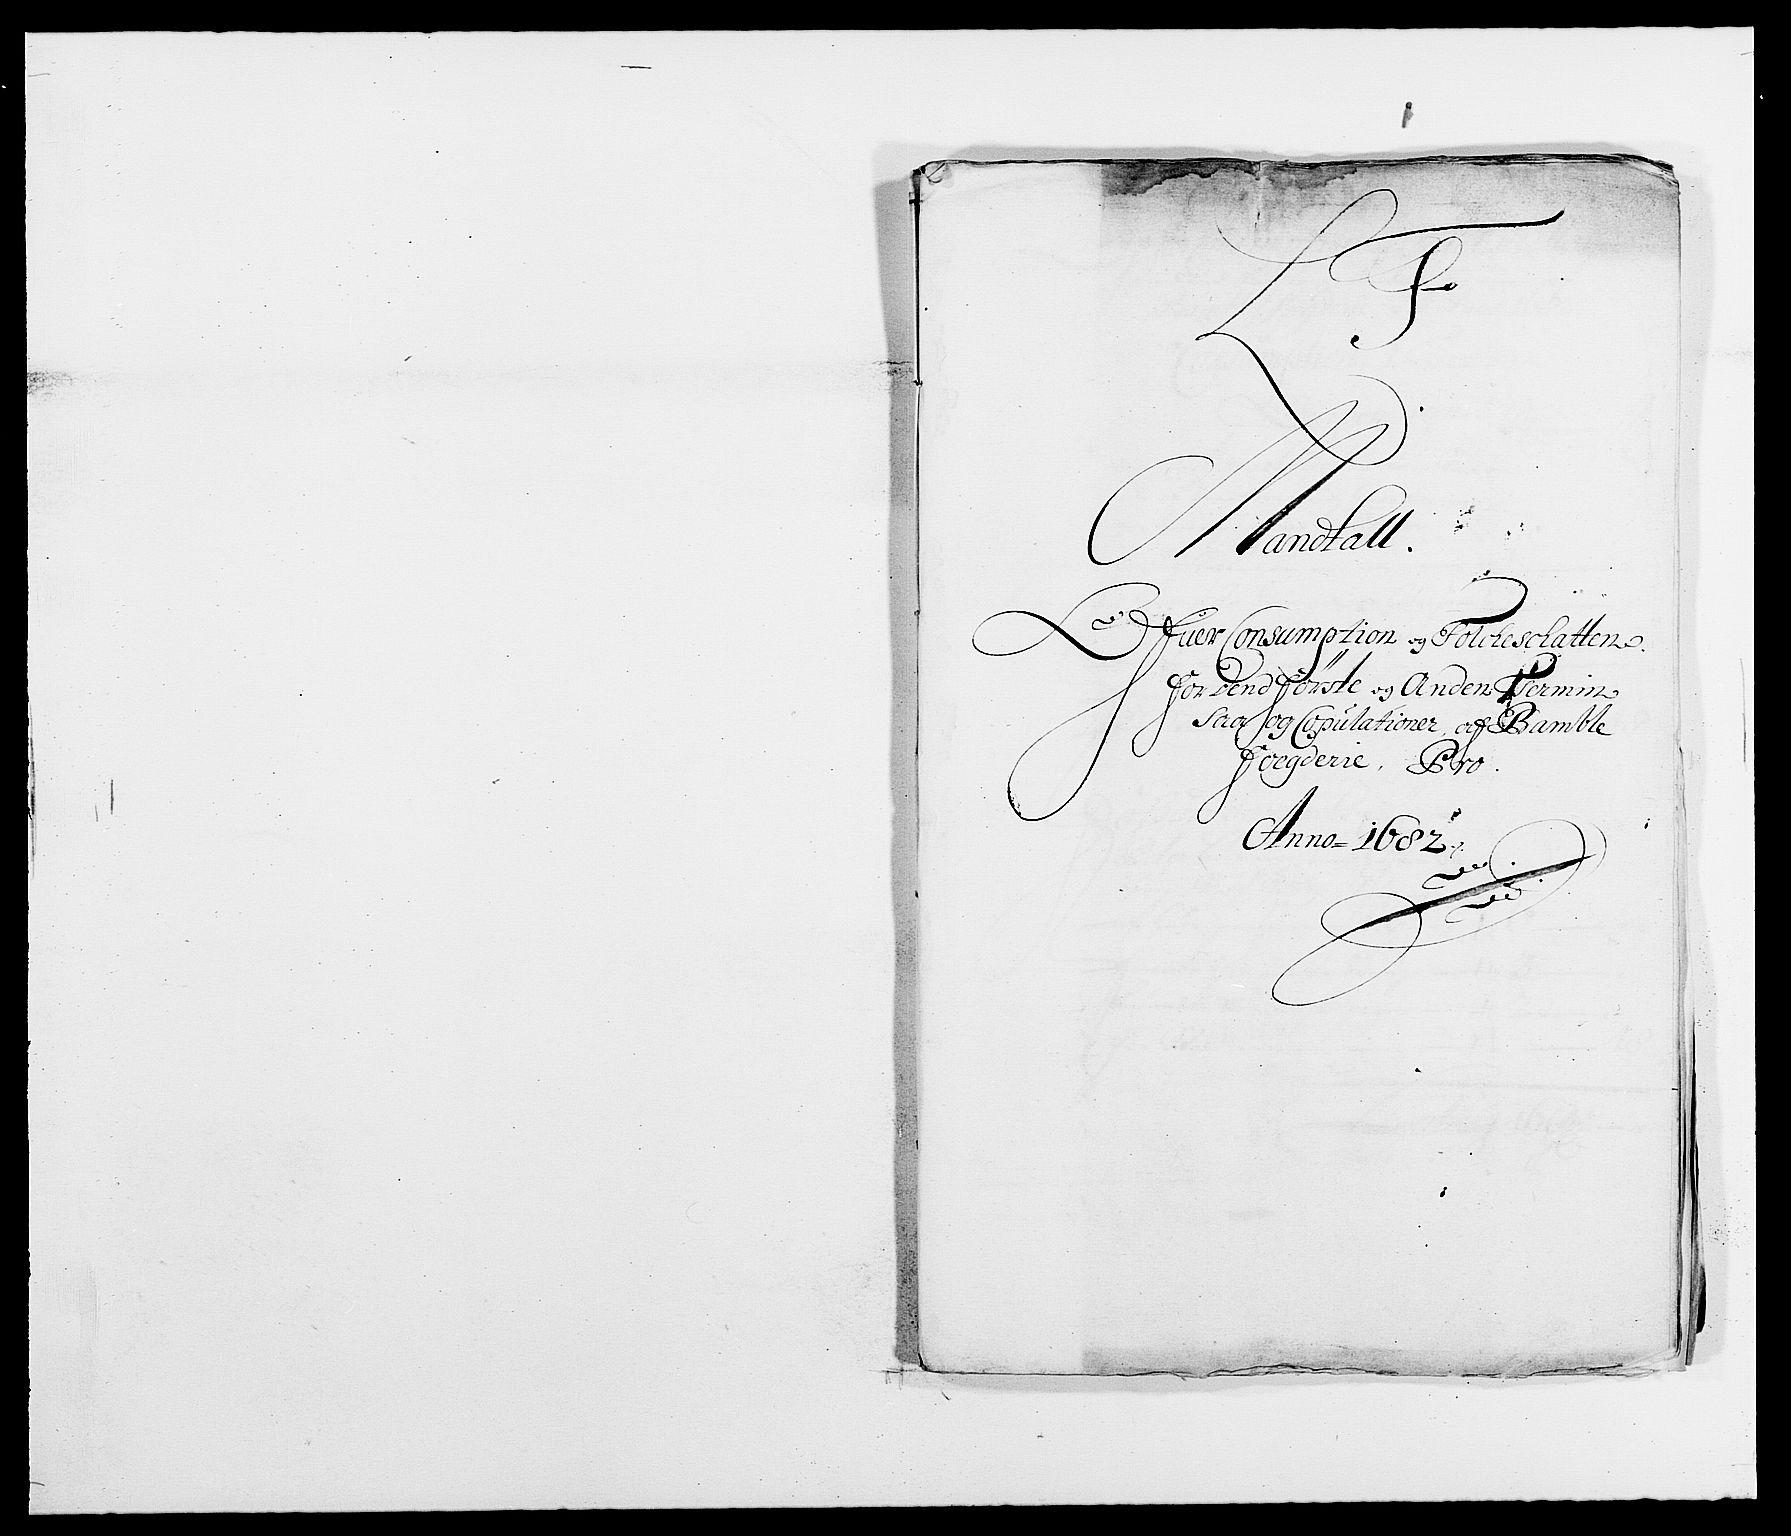 RA, Rentekammeret inntil 1814, Reviderte regnskaper, Fogderegnskap, R34/L2046: Fogderegnskap Bamble, 1682-1683, s. 152